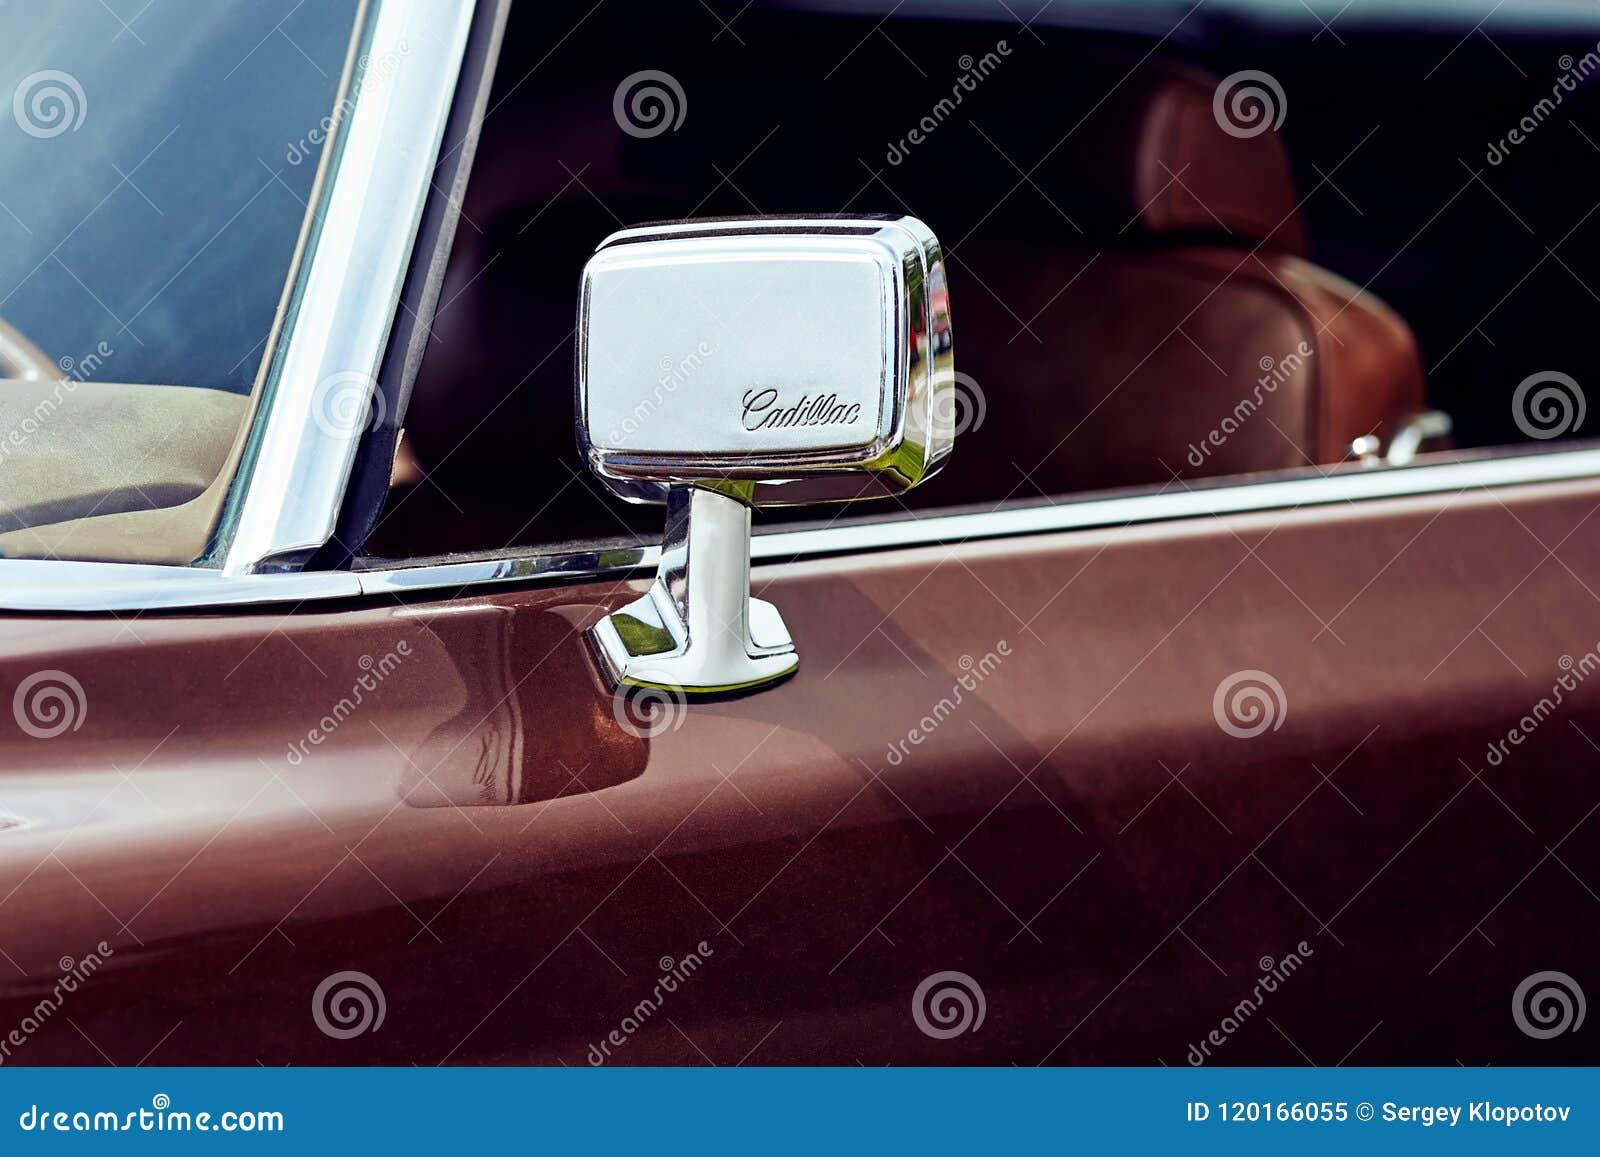 Rétroviseur d une voiture de luxe personnelle normale Cadillac Eld